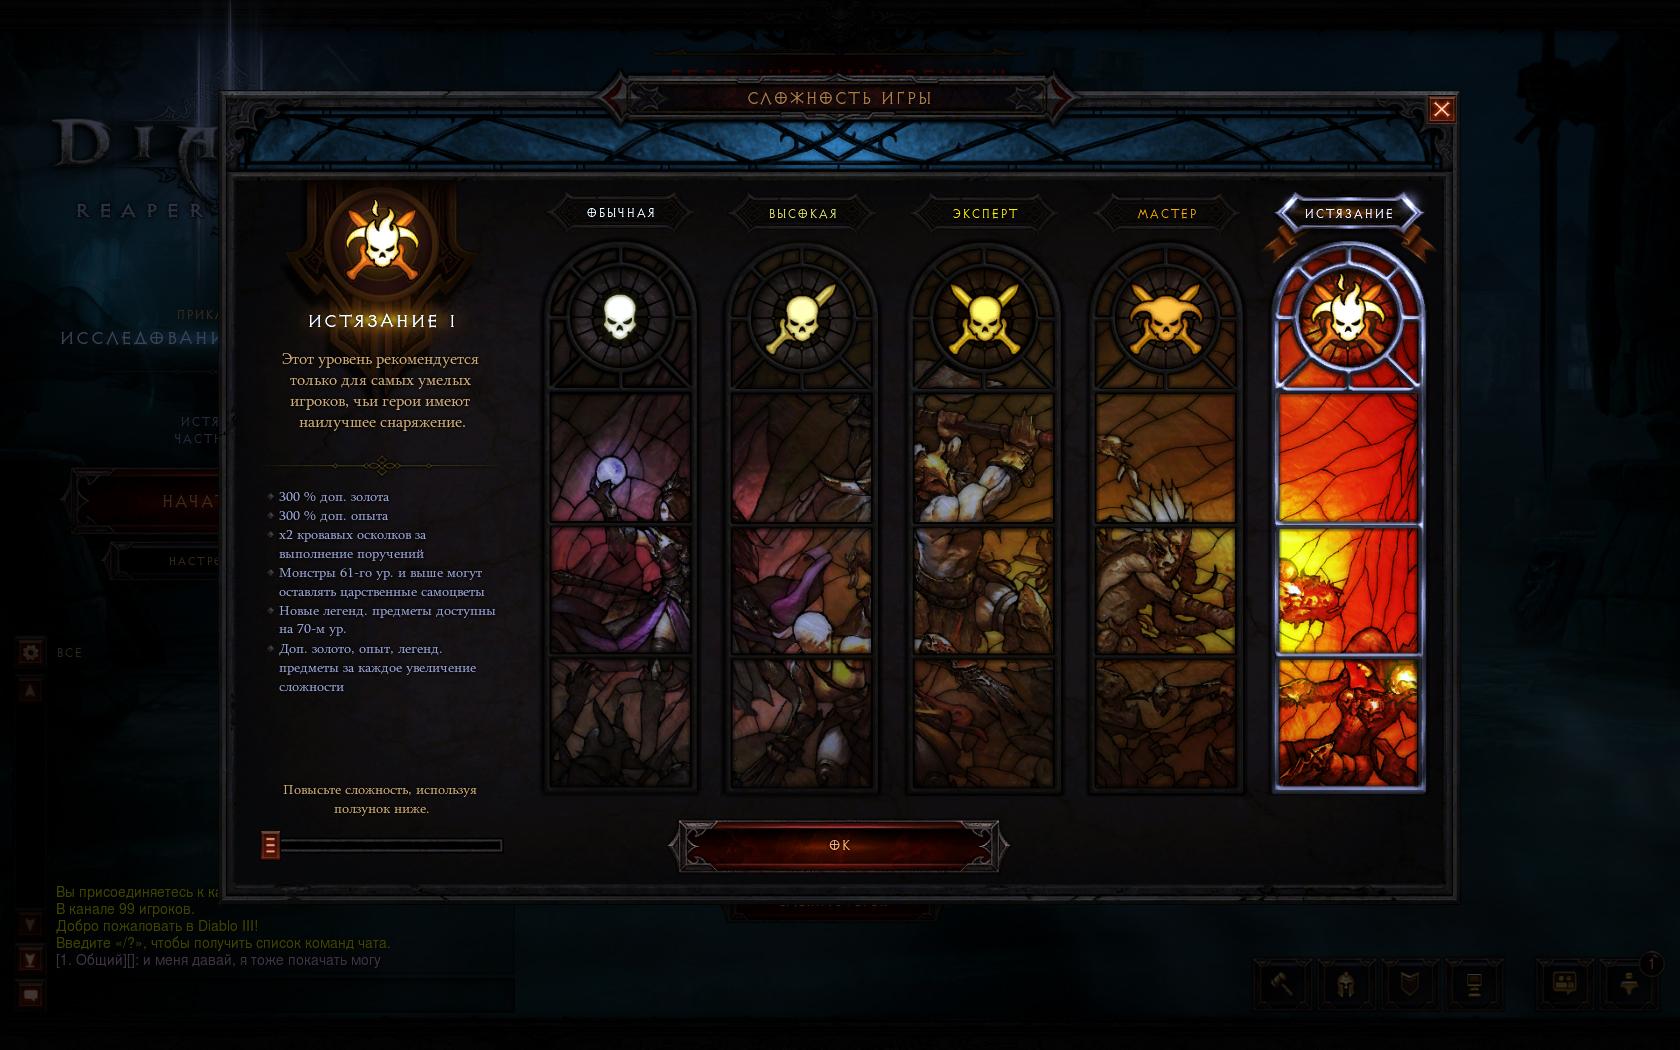 Diablo 3 elite drop rates как убрать ыерхнюю надпись фпс в кс го